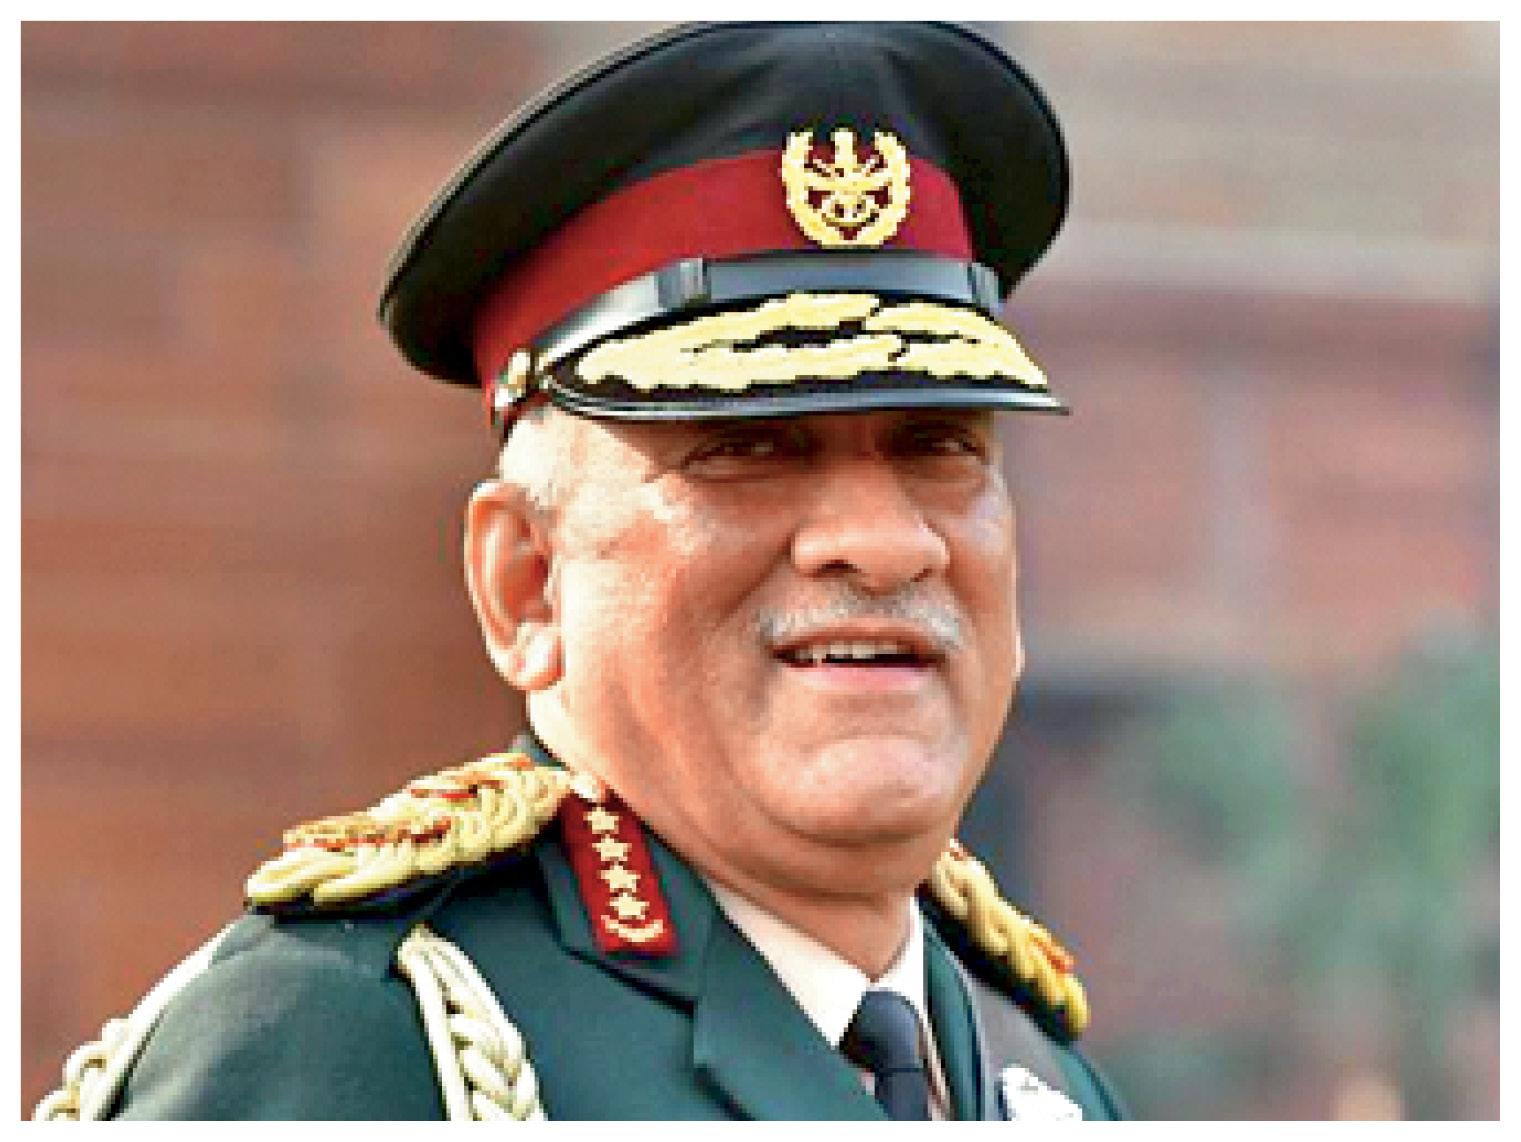 जनरल बिपिन रावत, चीफ ऑफ डिफेंस स्टाफ